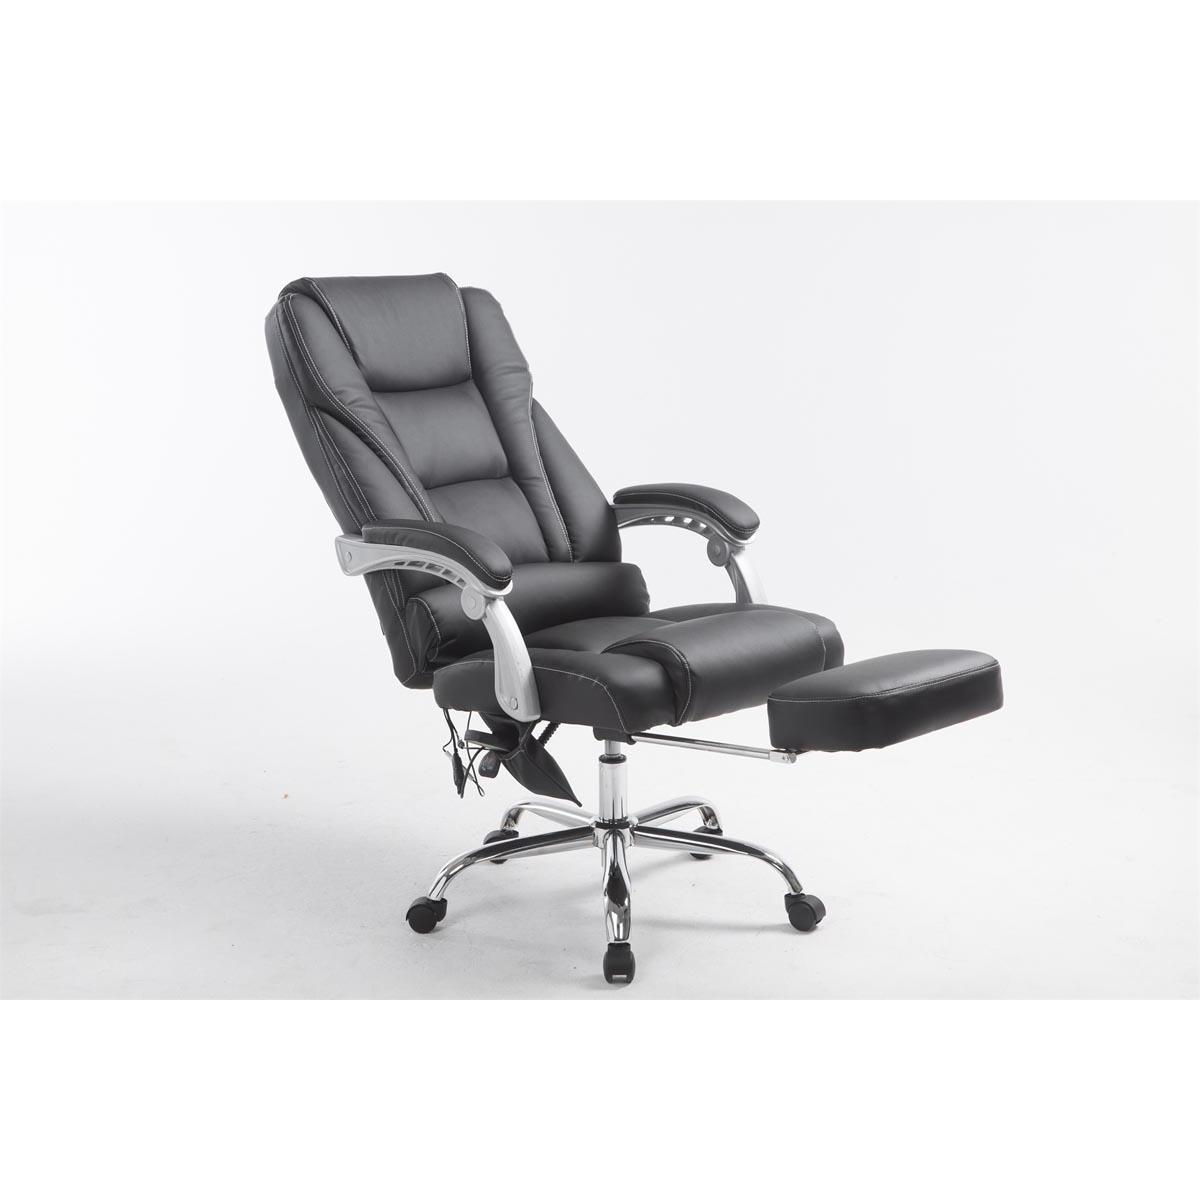 Poltrona da ufficio comodity massage poggiapiedi for Poltrona ufficio con poggiapiedi